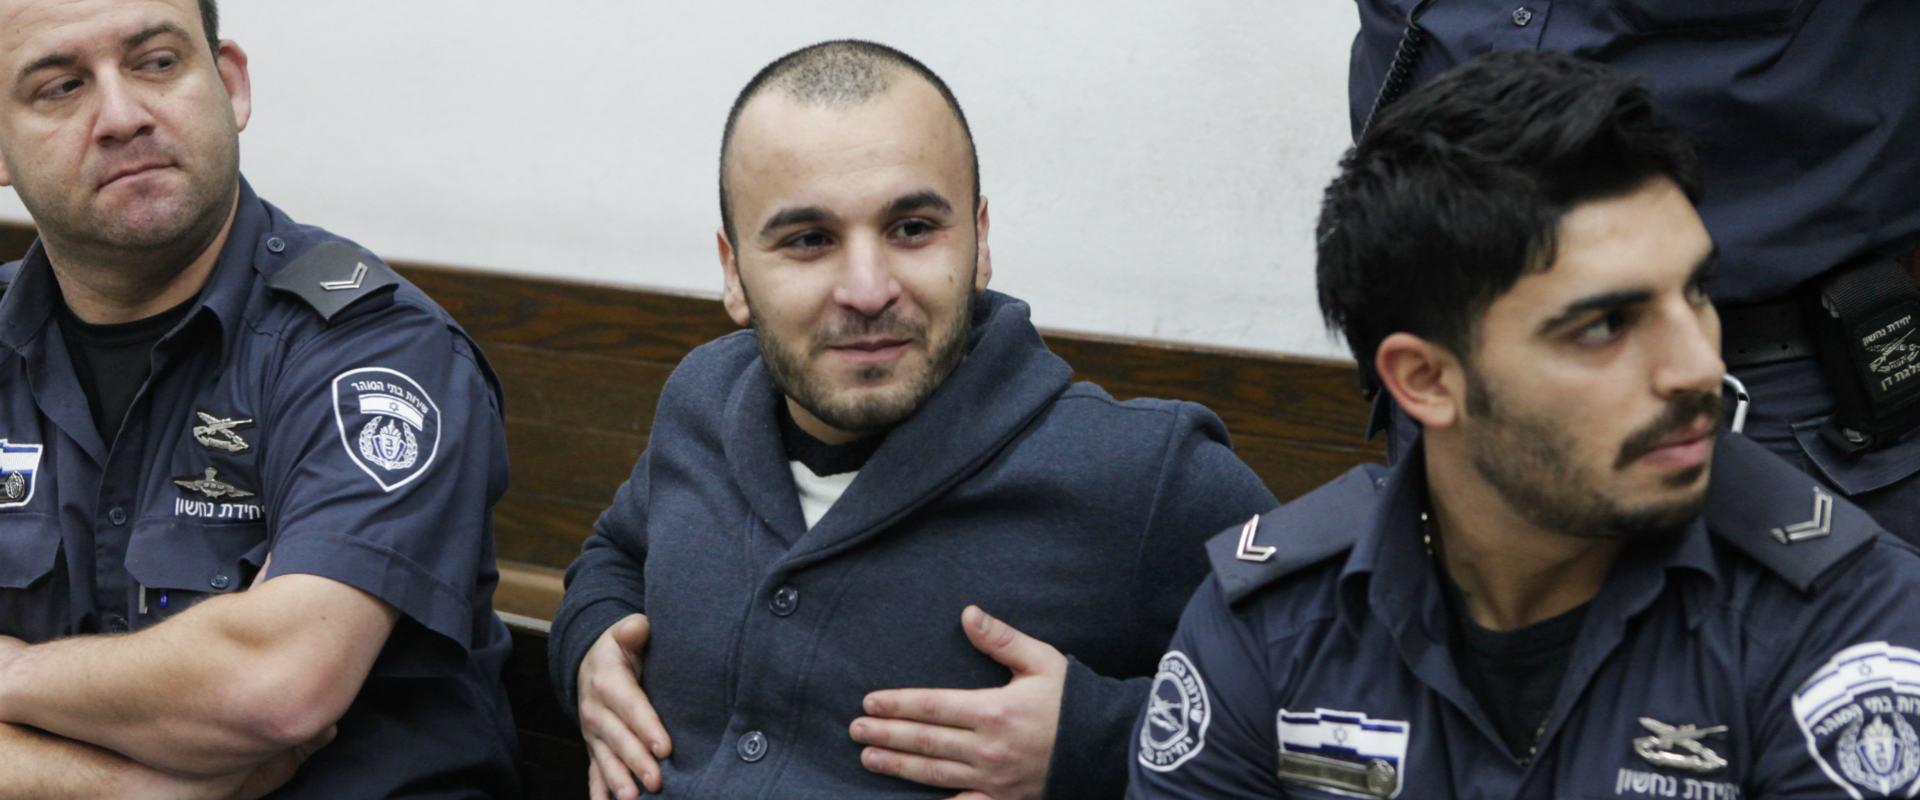 זאור חנקישייב בהארכת מעצרו. פברואר 2014